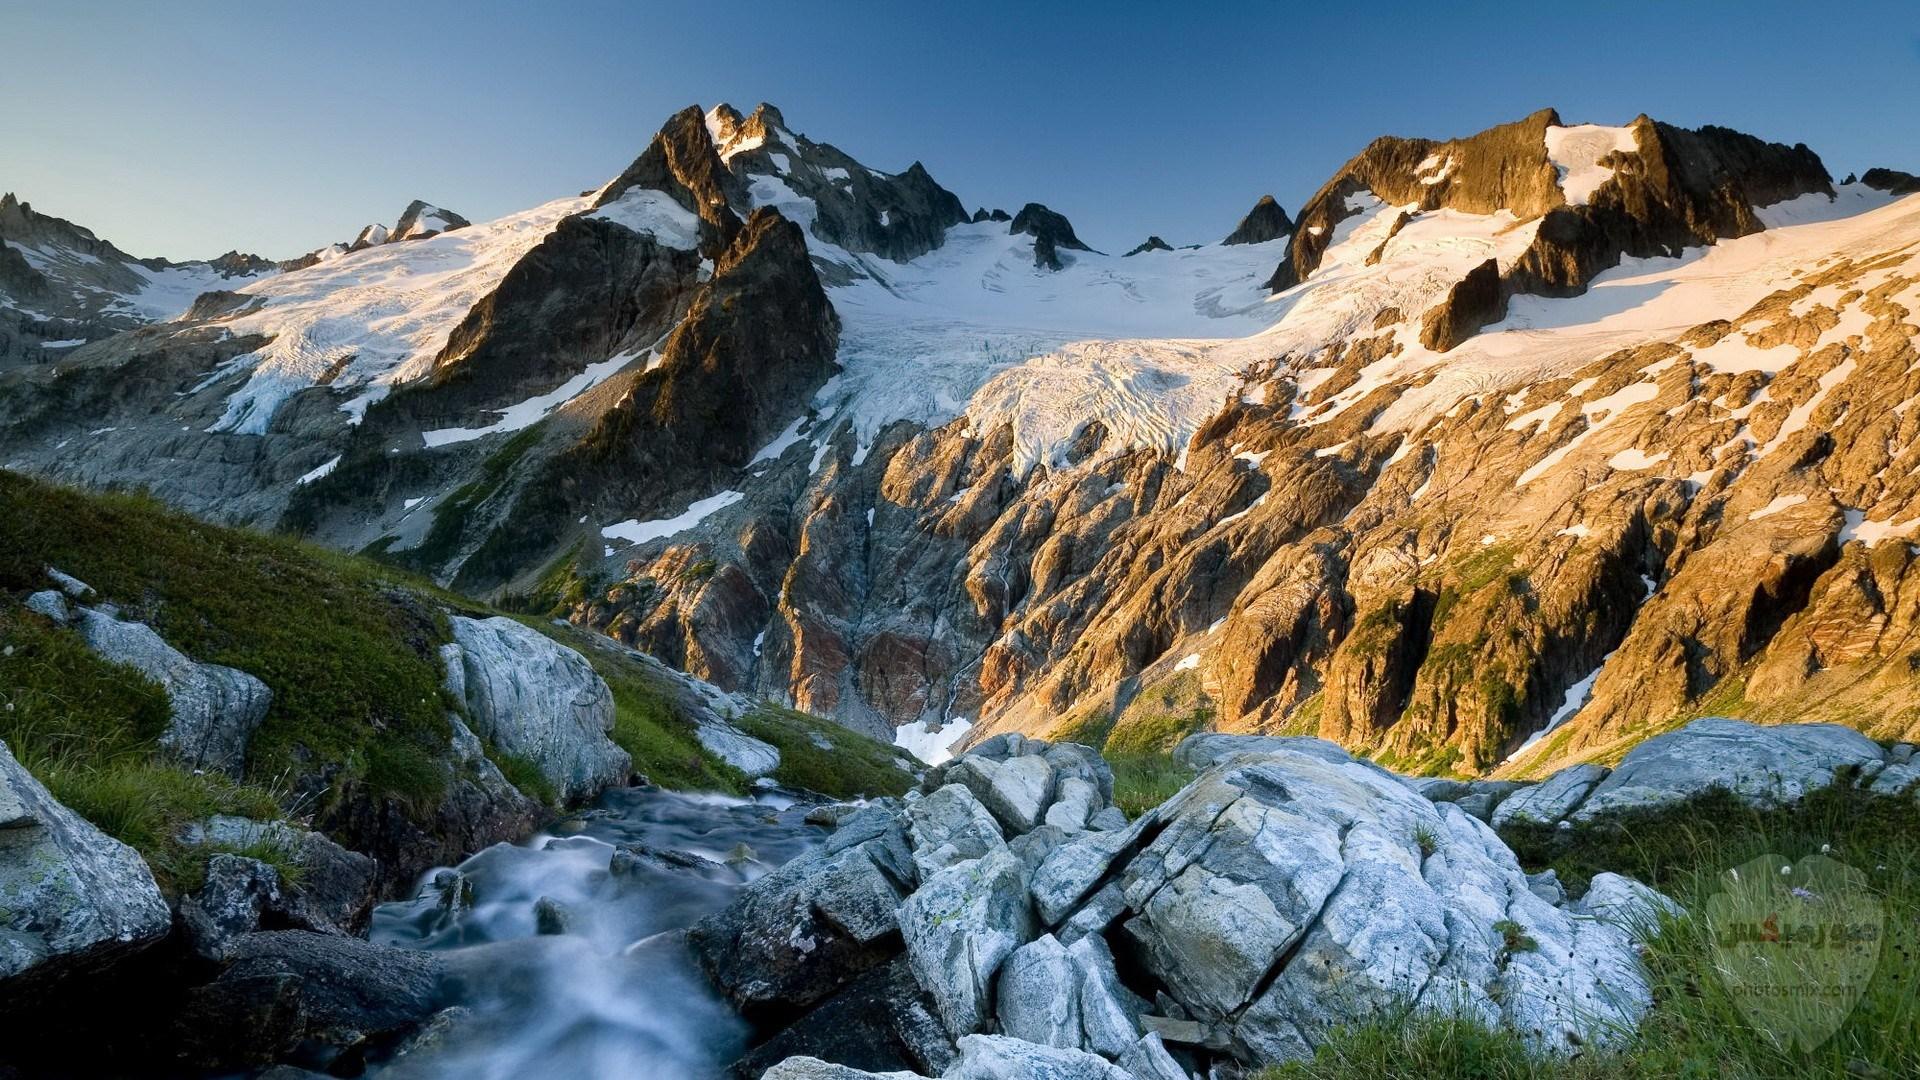 صور وخلفيات جبال وشلالات طبيعية HD خلفيات جبال خضراء وثلجية 12